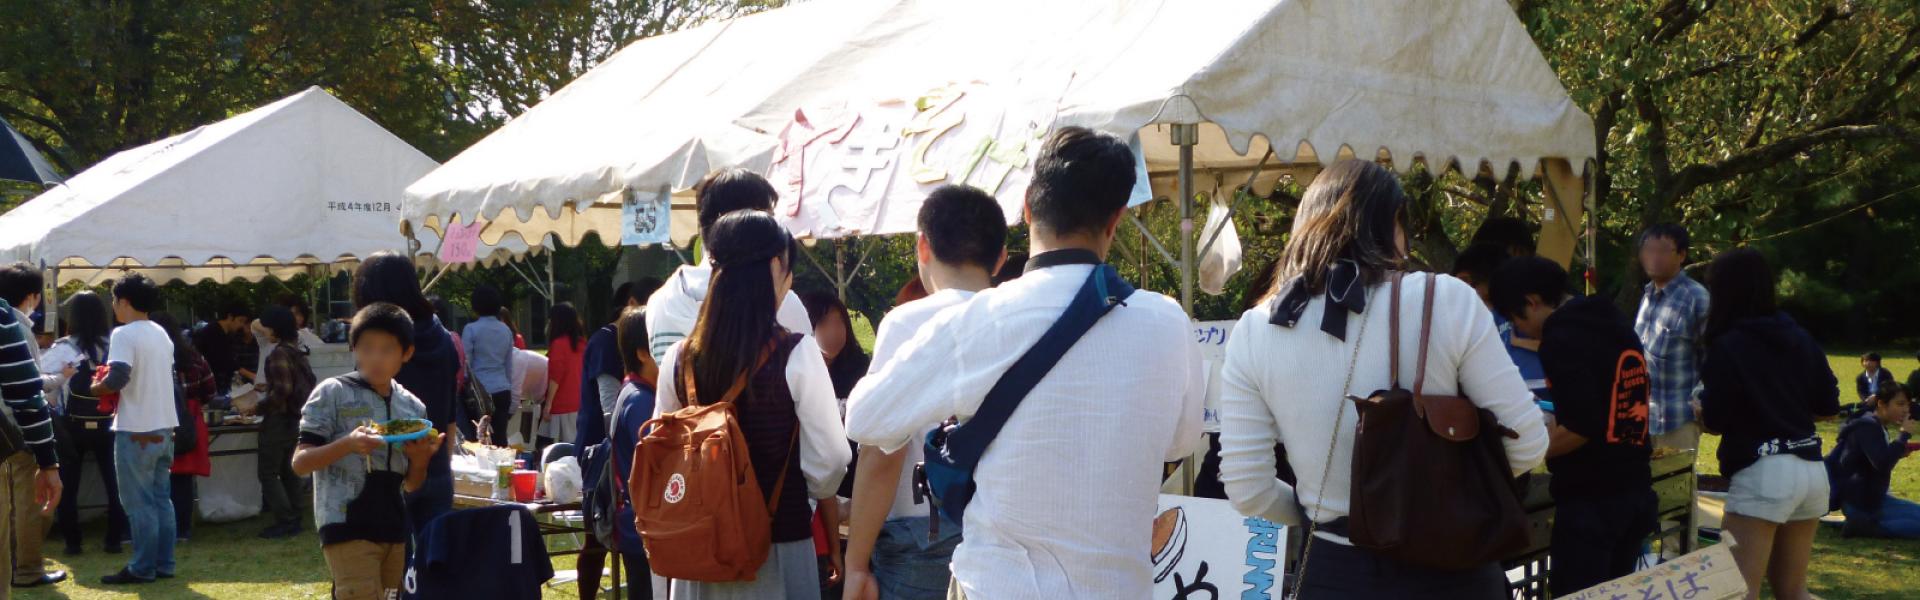 ICU祭実行委員会